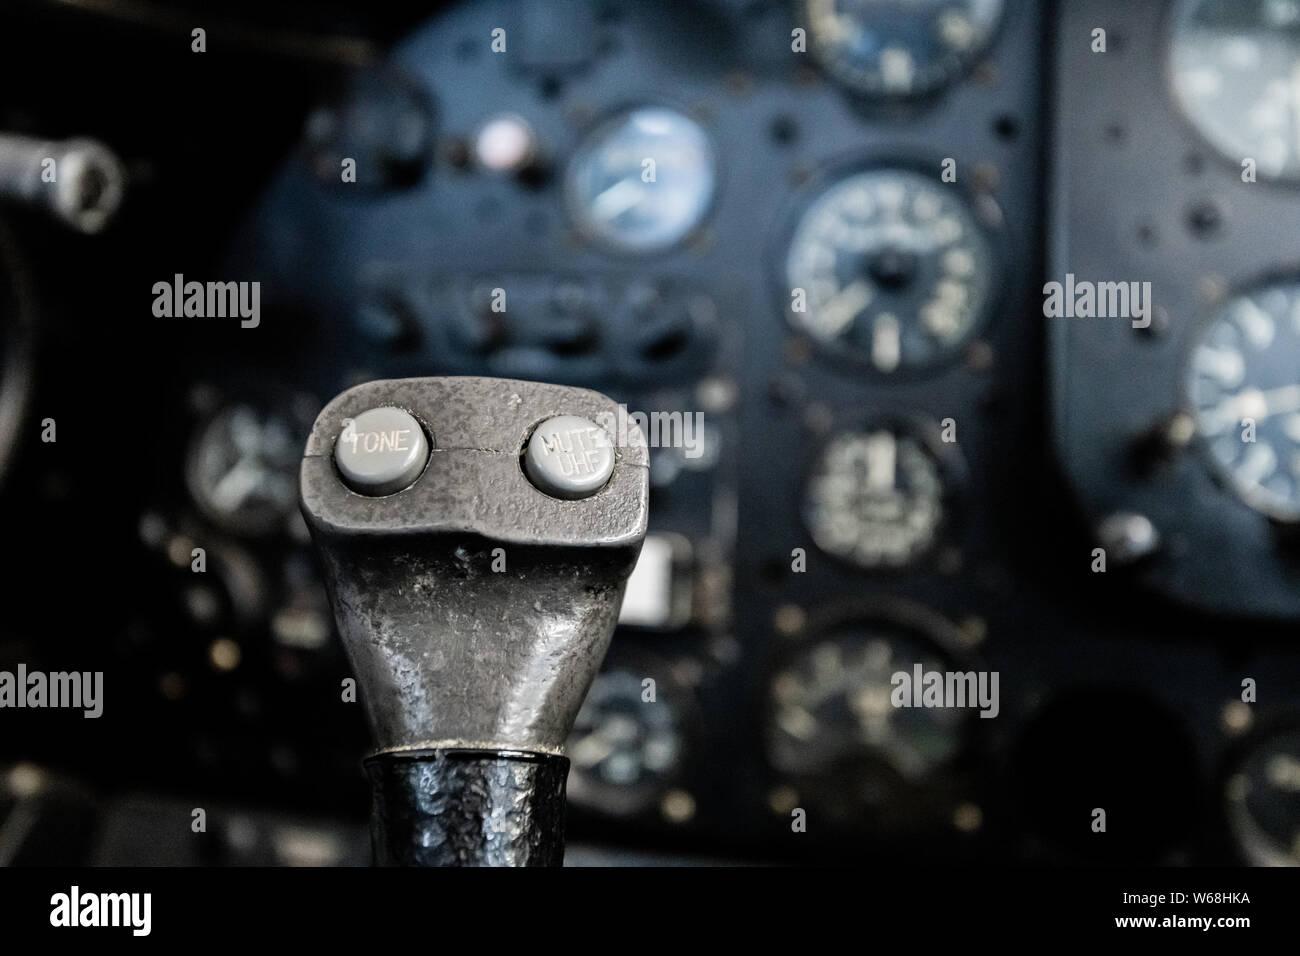 Airplane Yoke Stock Photos & Airplane Yoke Stock Images - Page 2 - Alamy